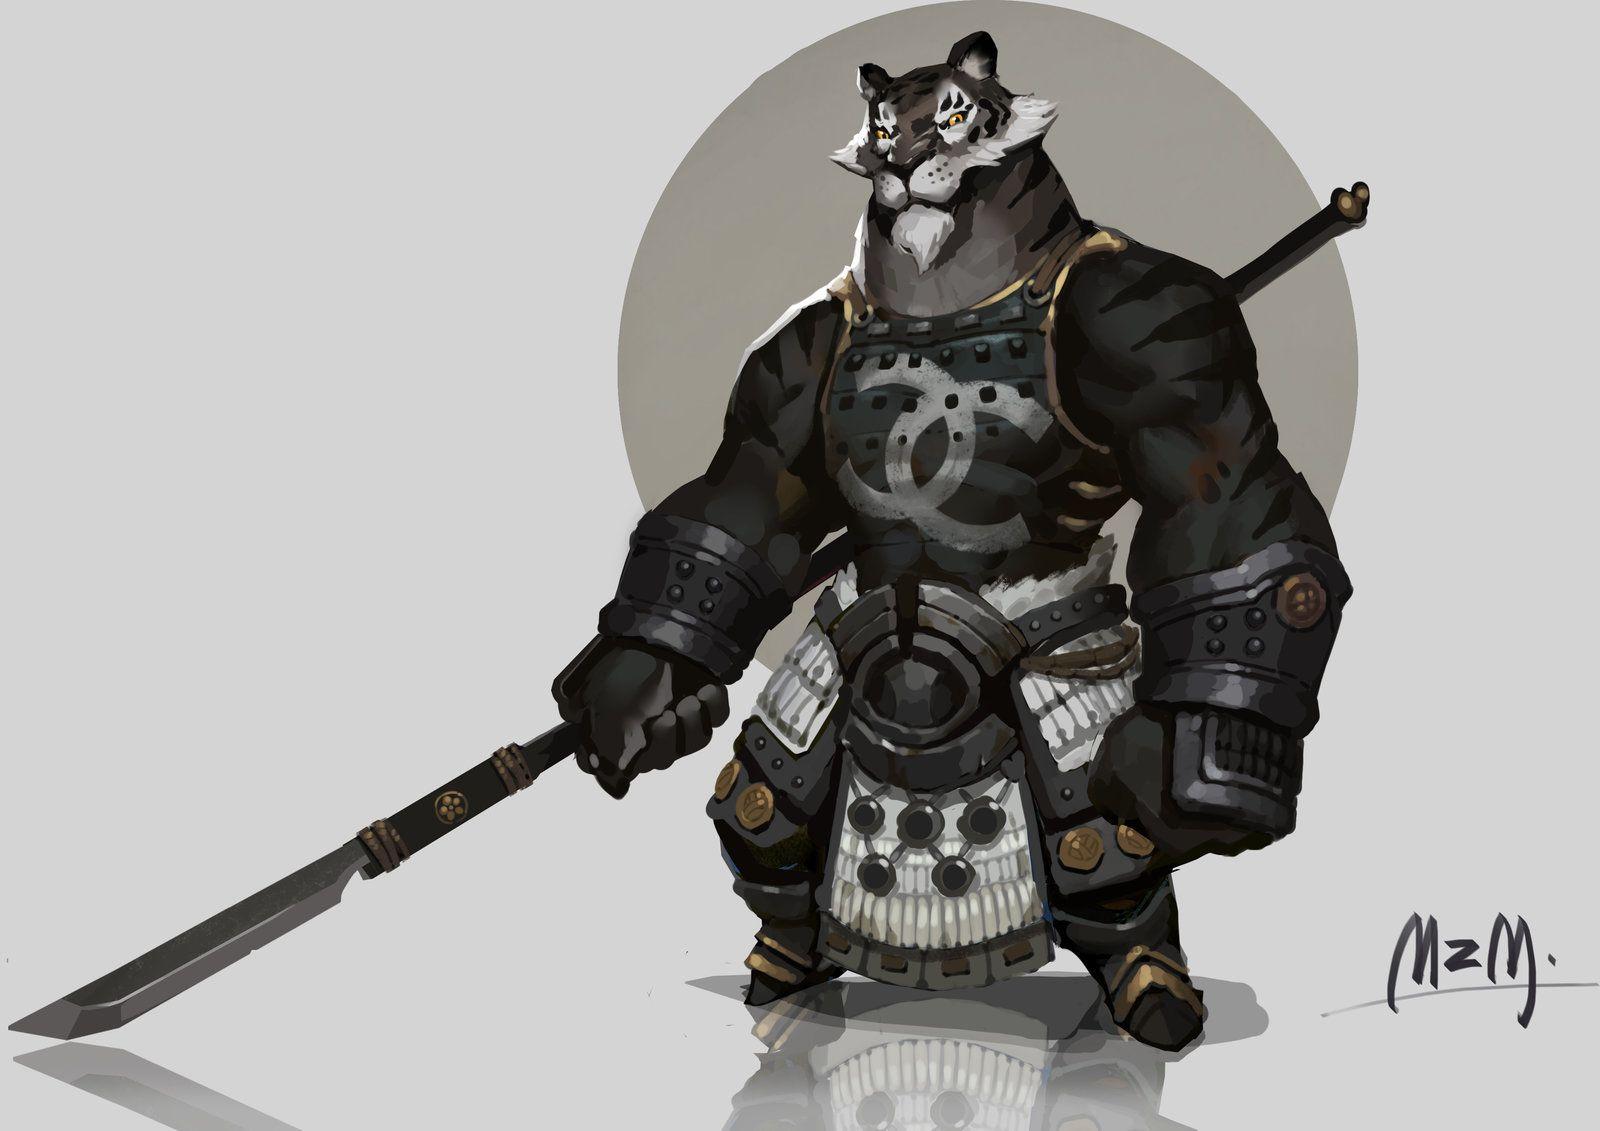 Black Tiger in CHANEL, M ZM on ArtStation at https://www.artstation.com/artwork/black-tiger-in-chanel